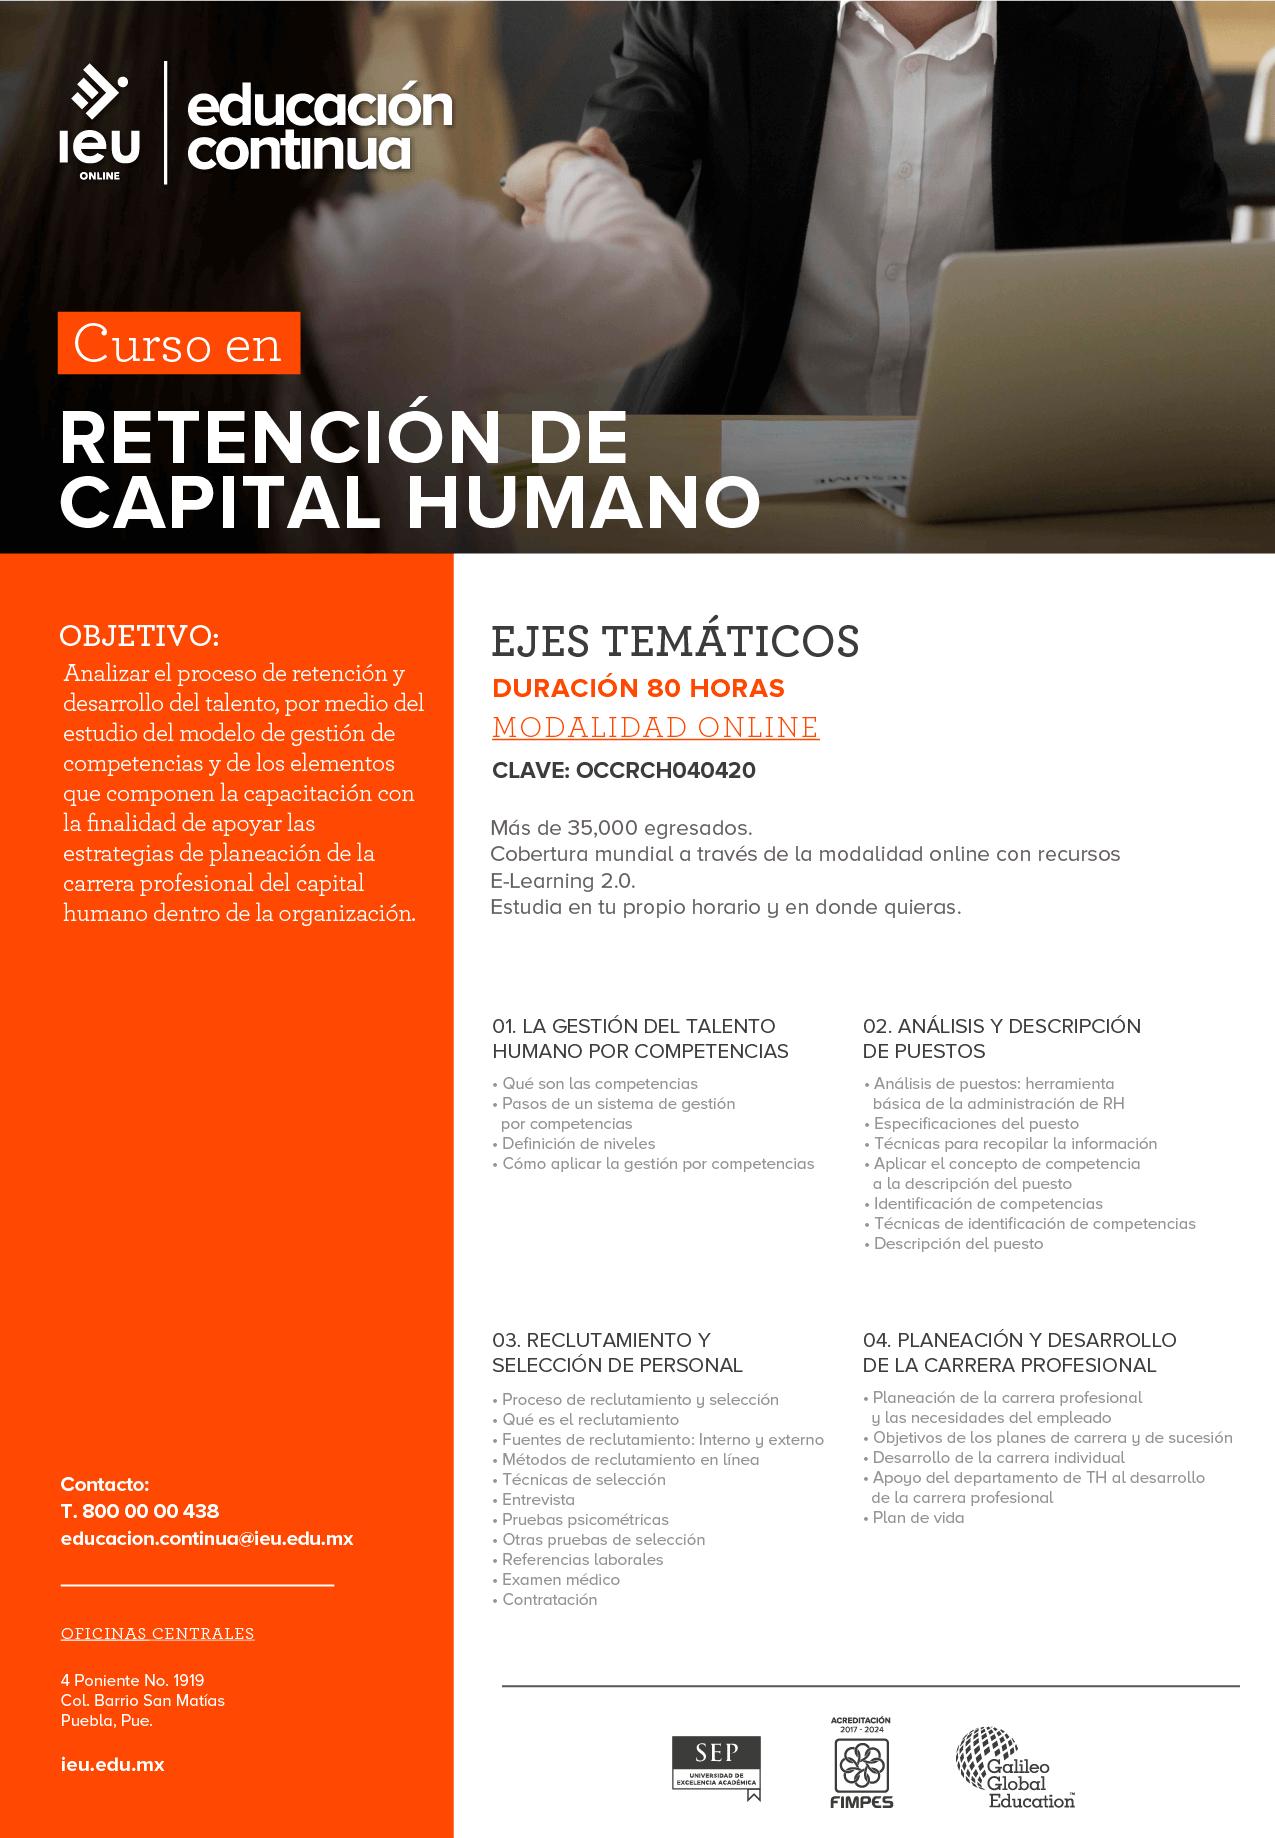 Retención de capital humano